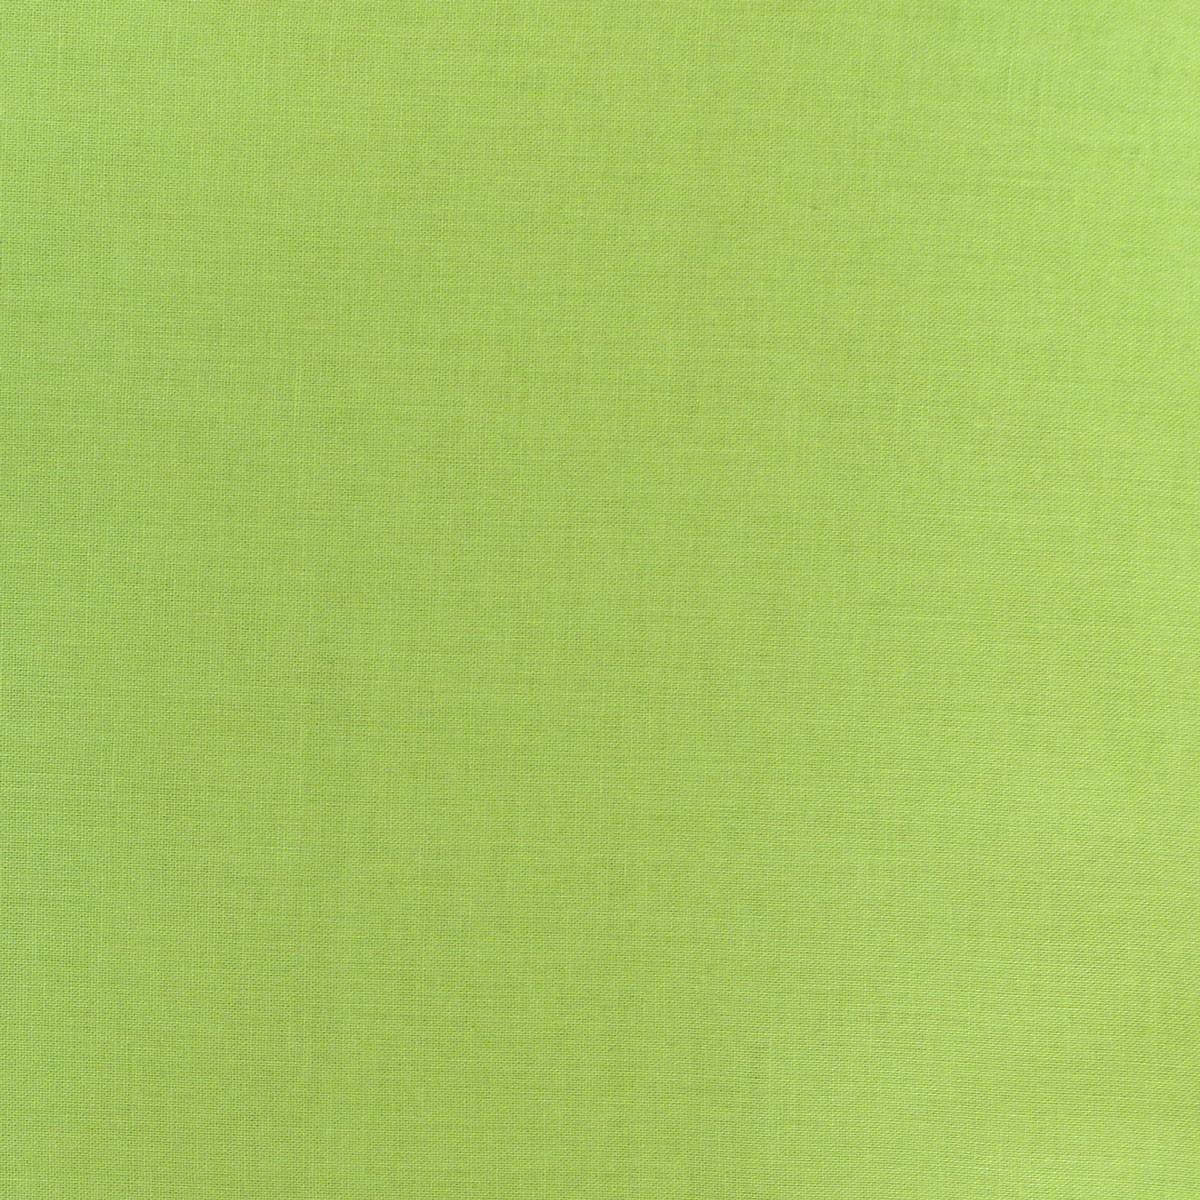 Kreativstoff Baumwollstoff Fahnentuch einfarbig lime 1,45m Breite